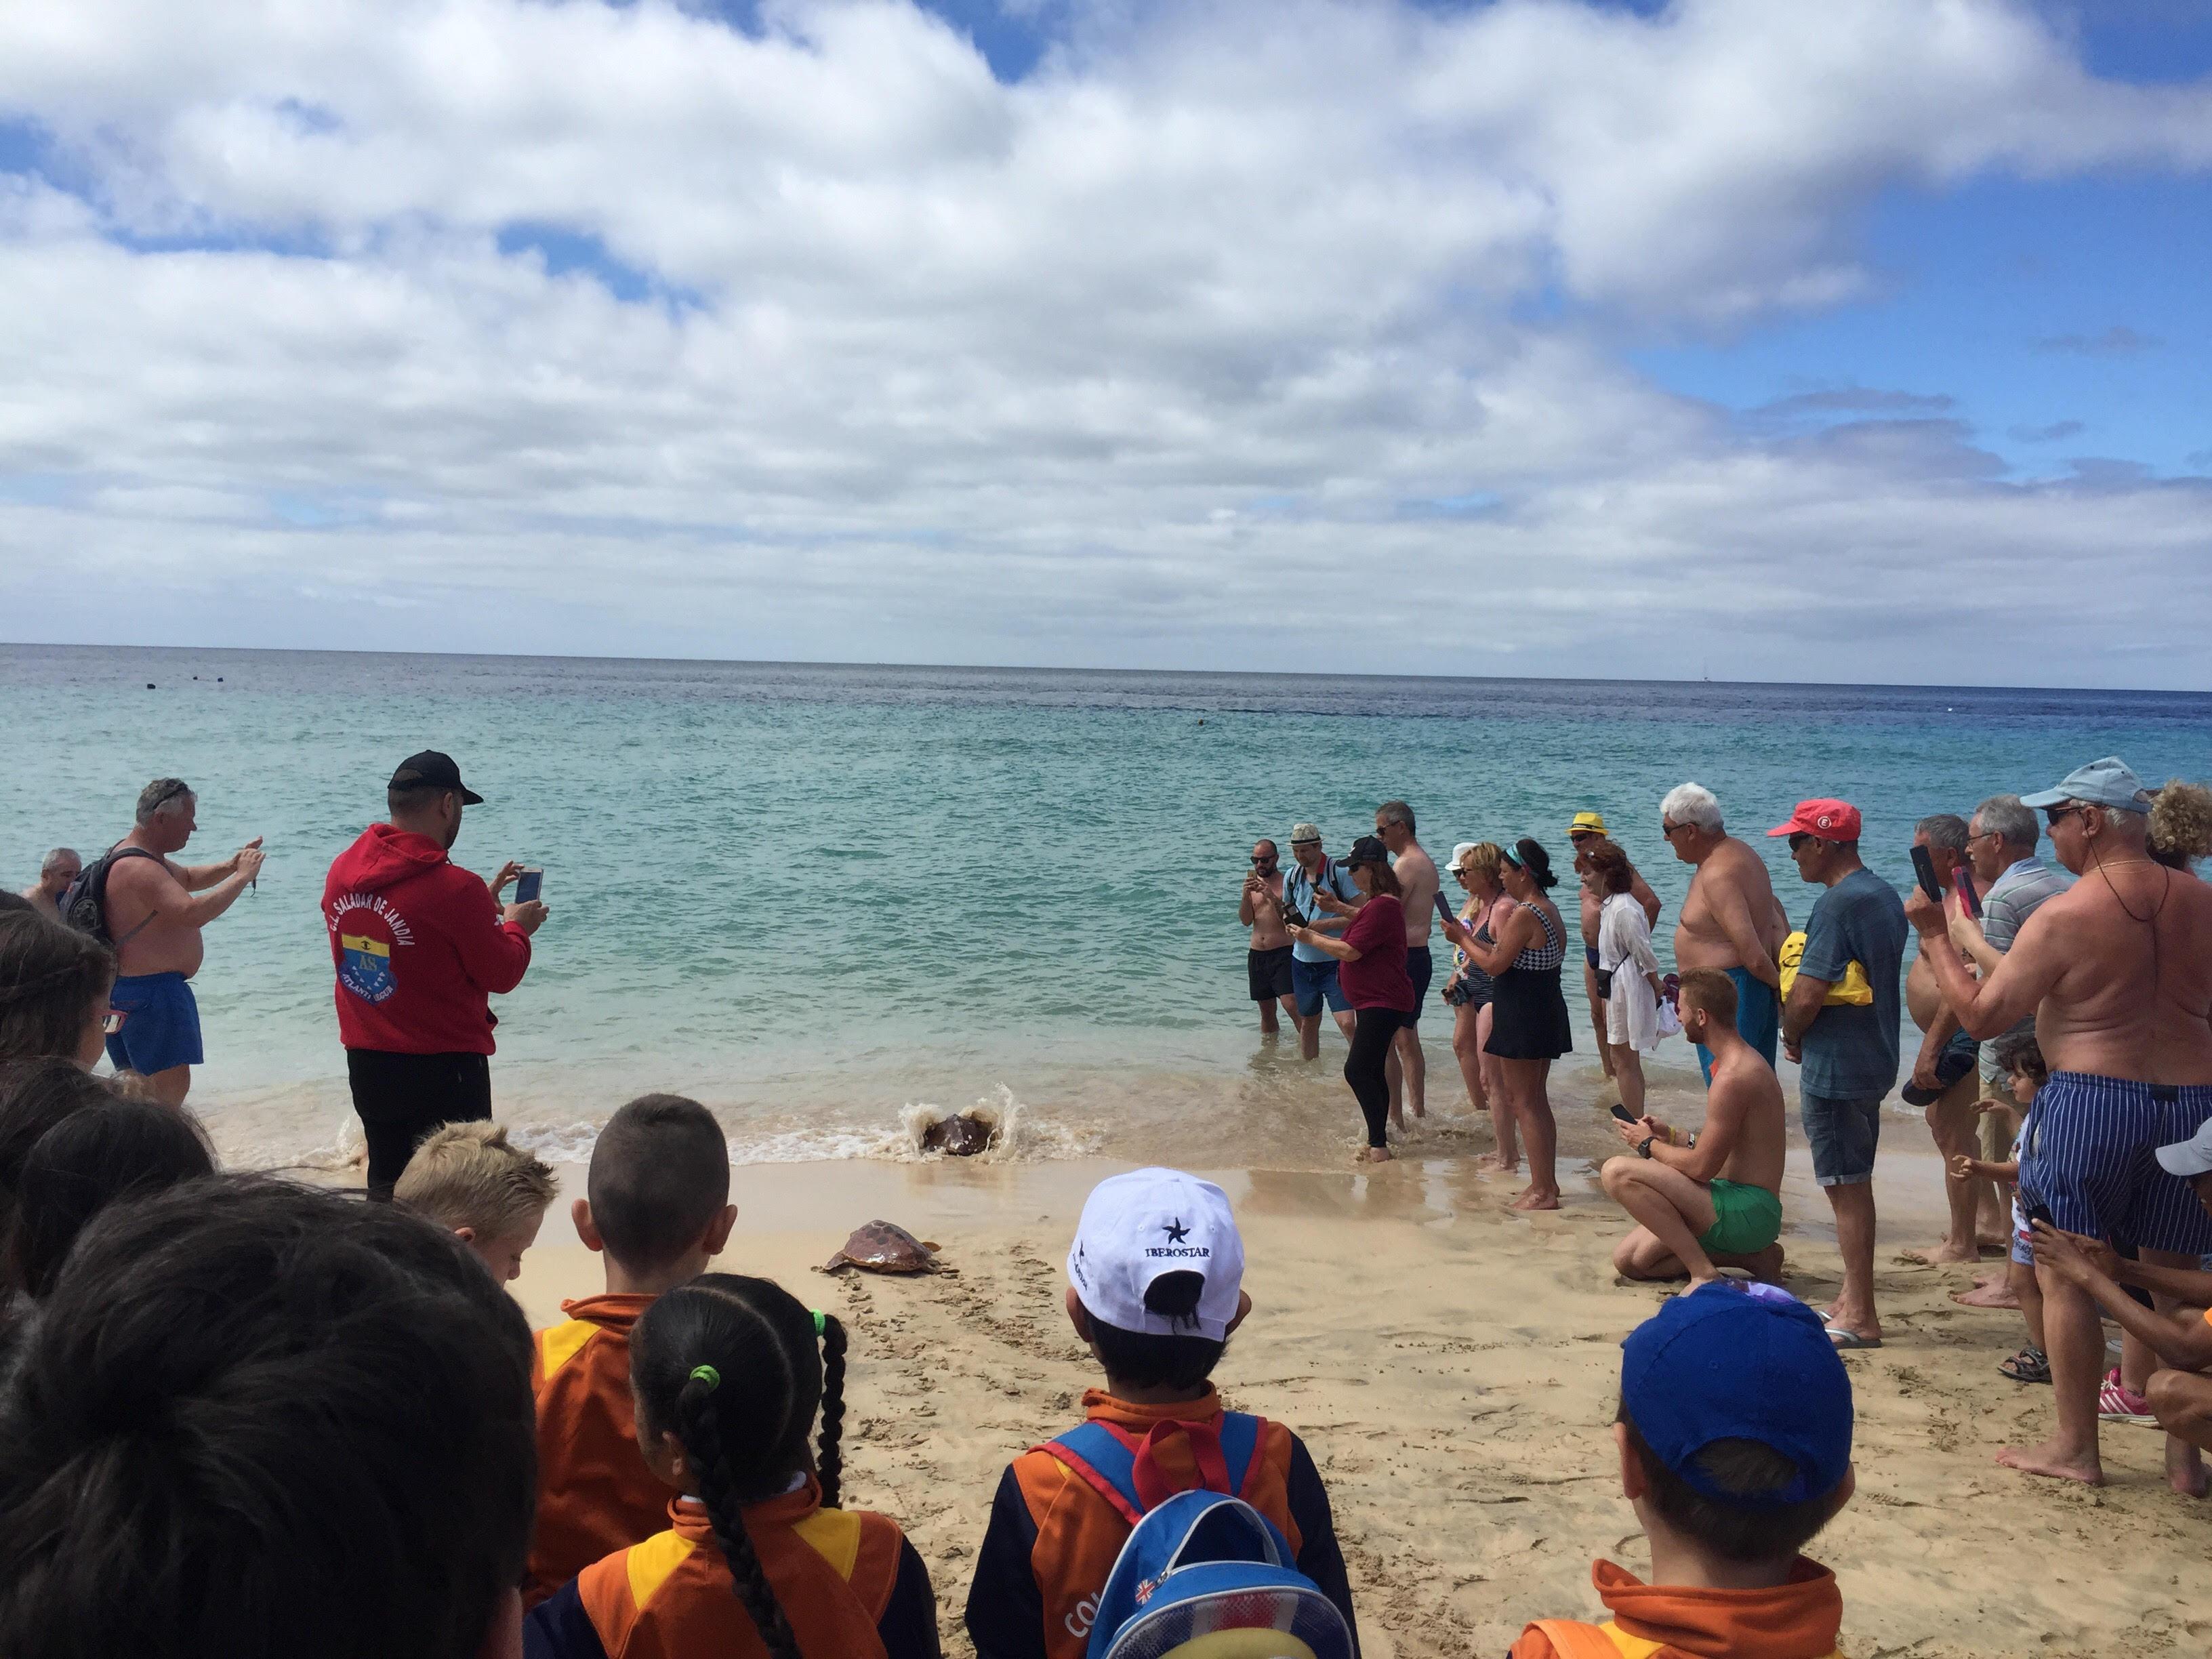 El Cabildo de Fuerteventura devuelve al mar en Jandía a dos tortugas rescatadas